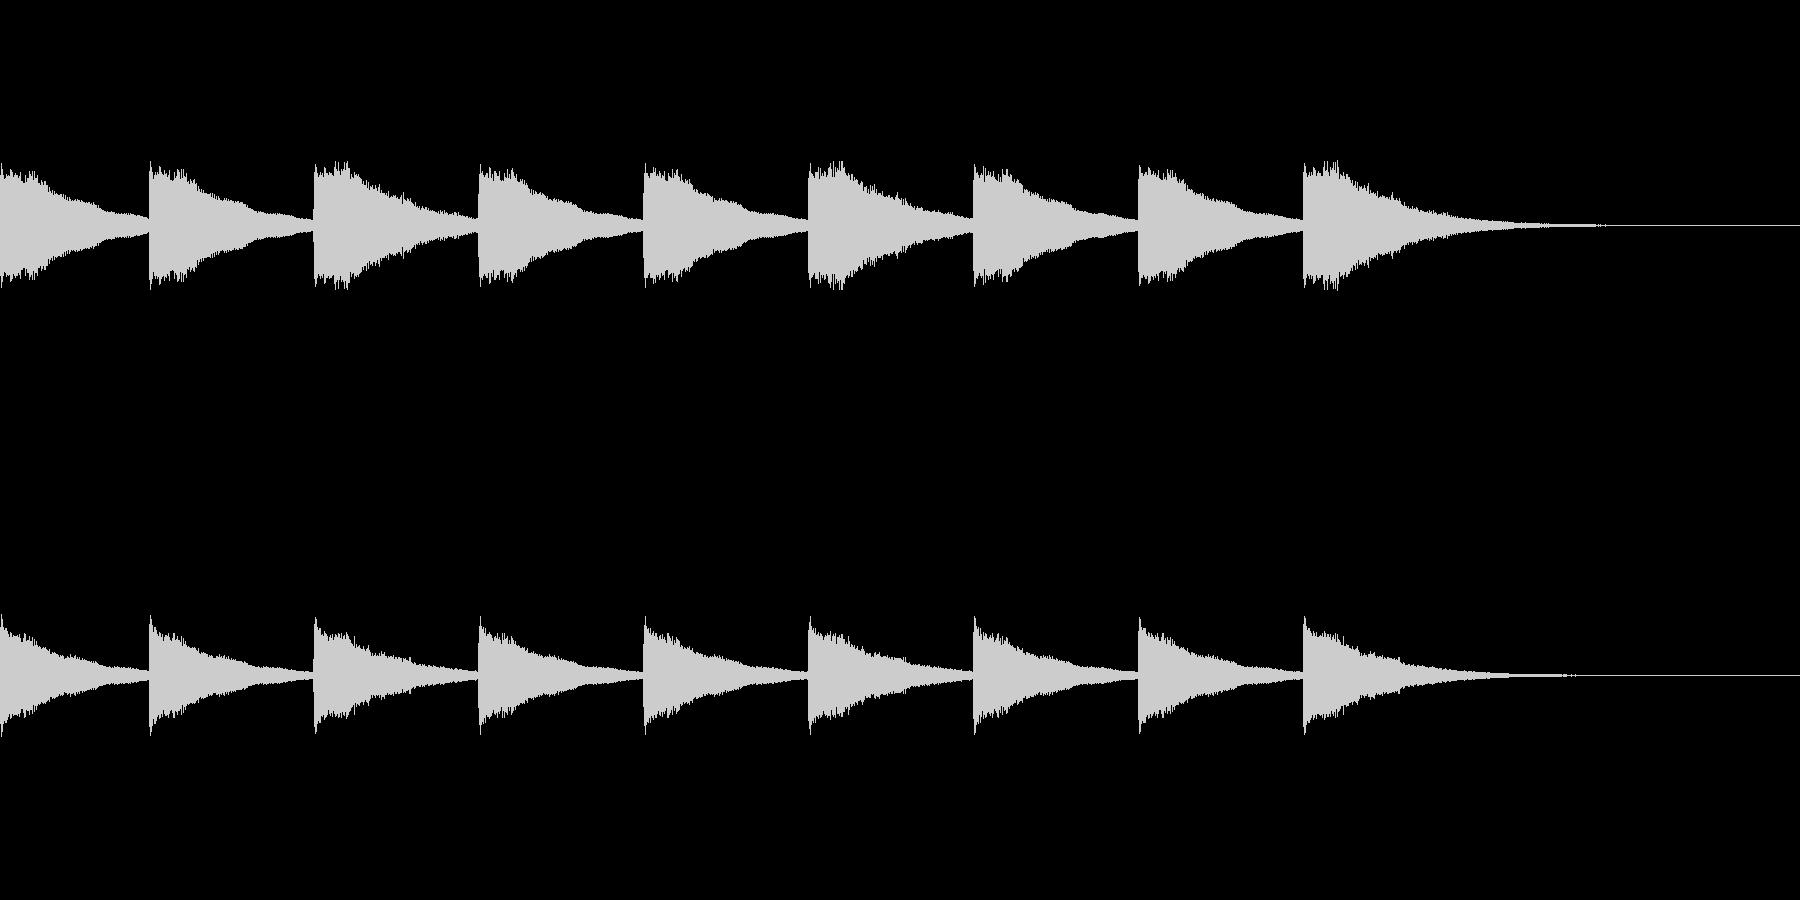 シンプルな教会の鐘の音ですの未再生の波形